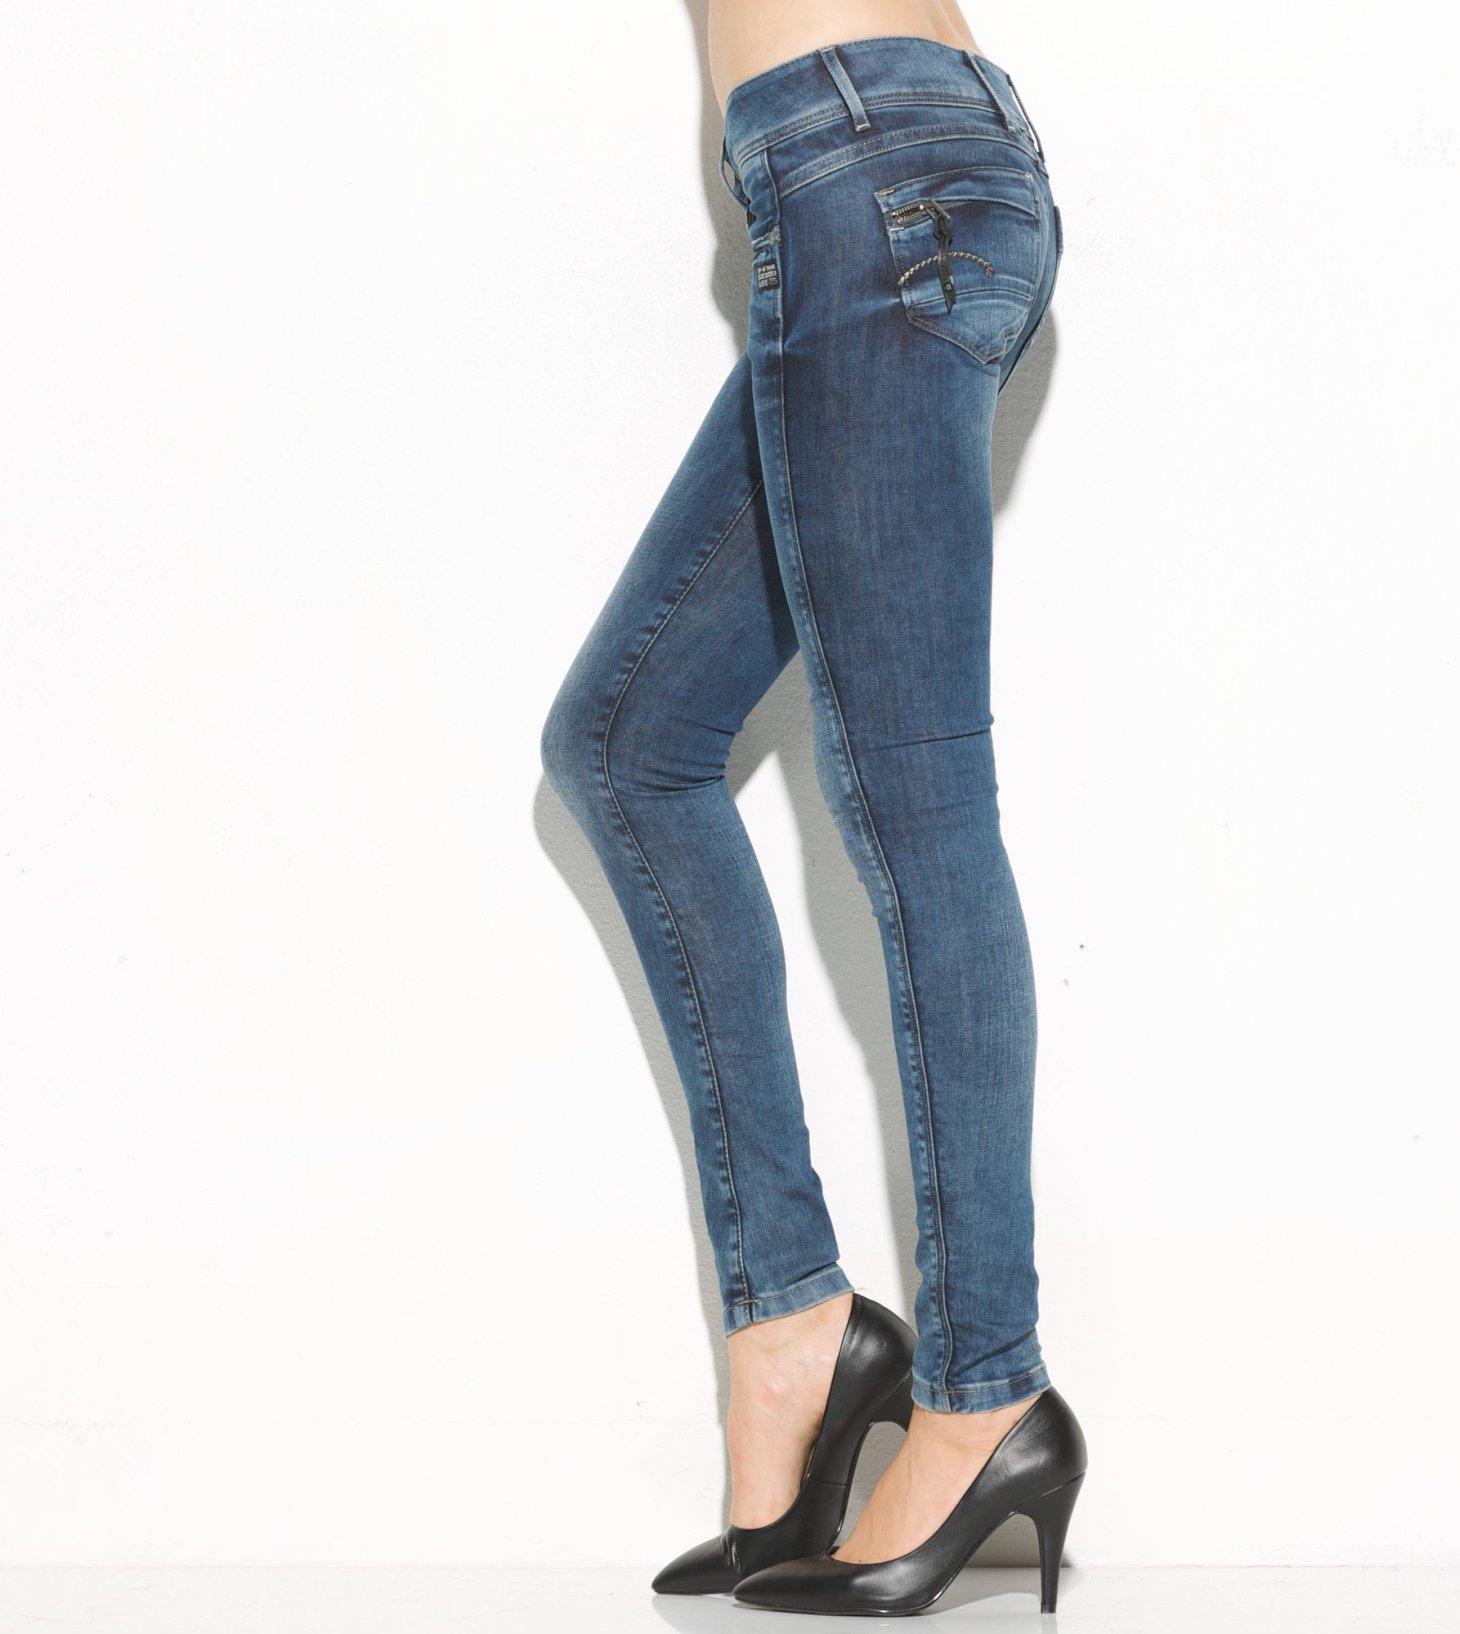 Maintenant bien calé sur le sujet du jean